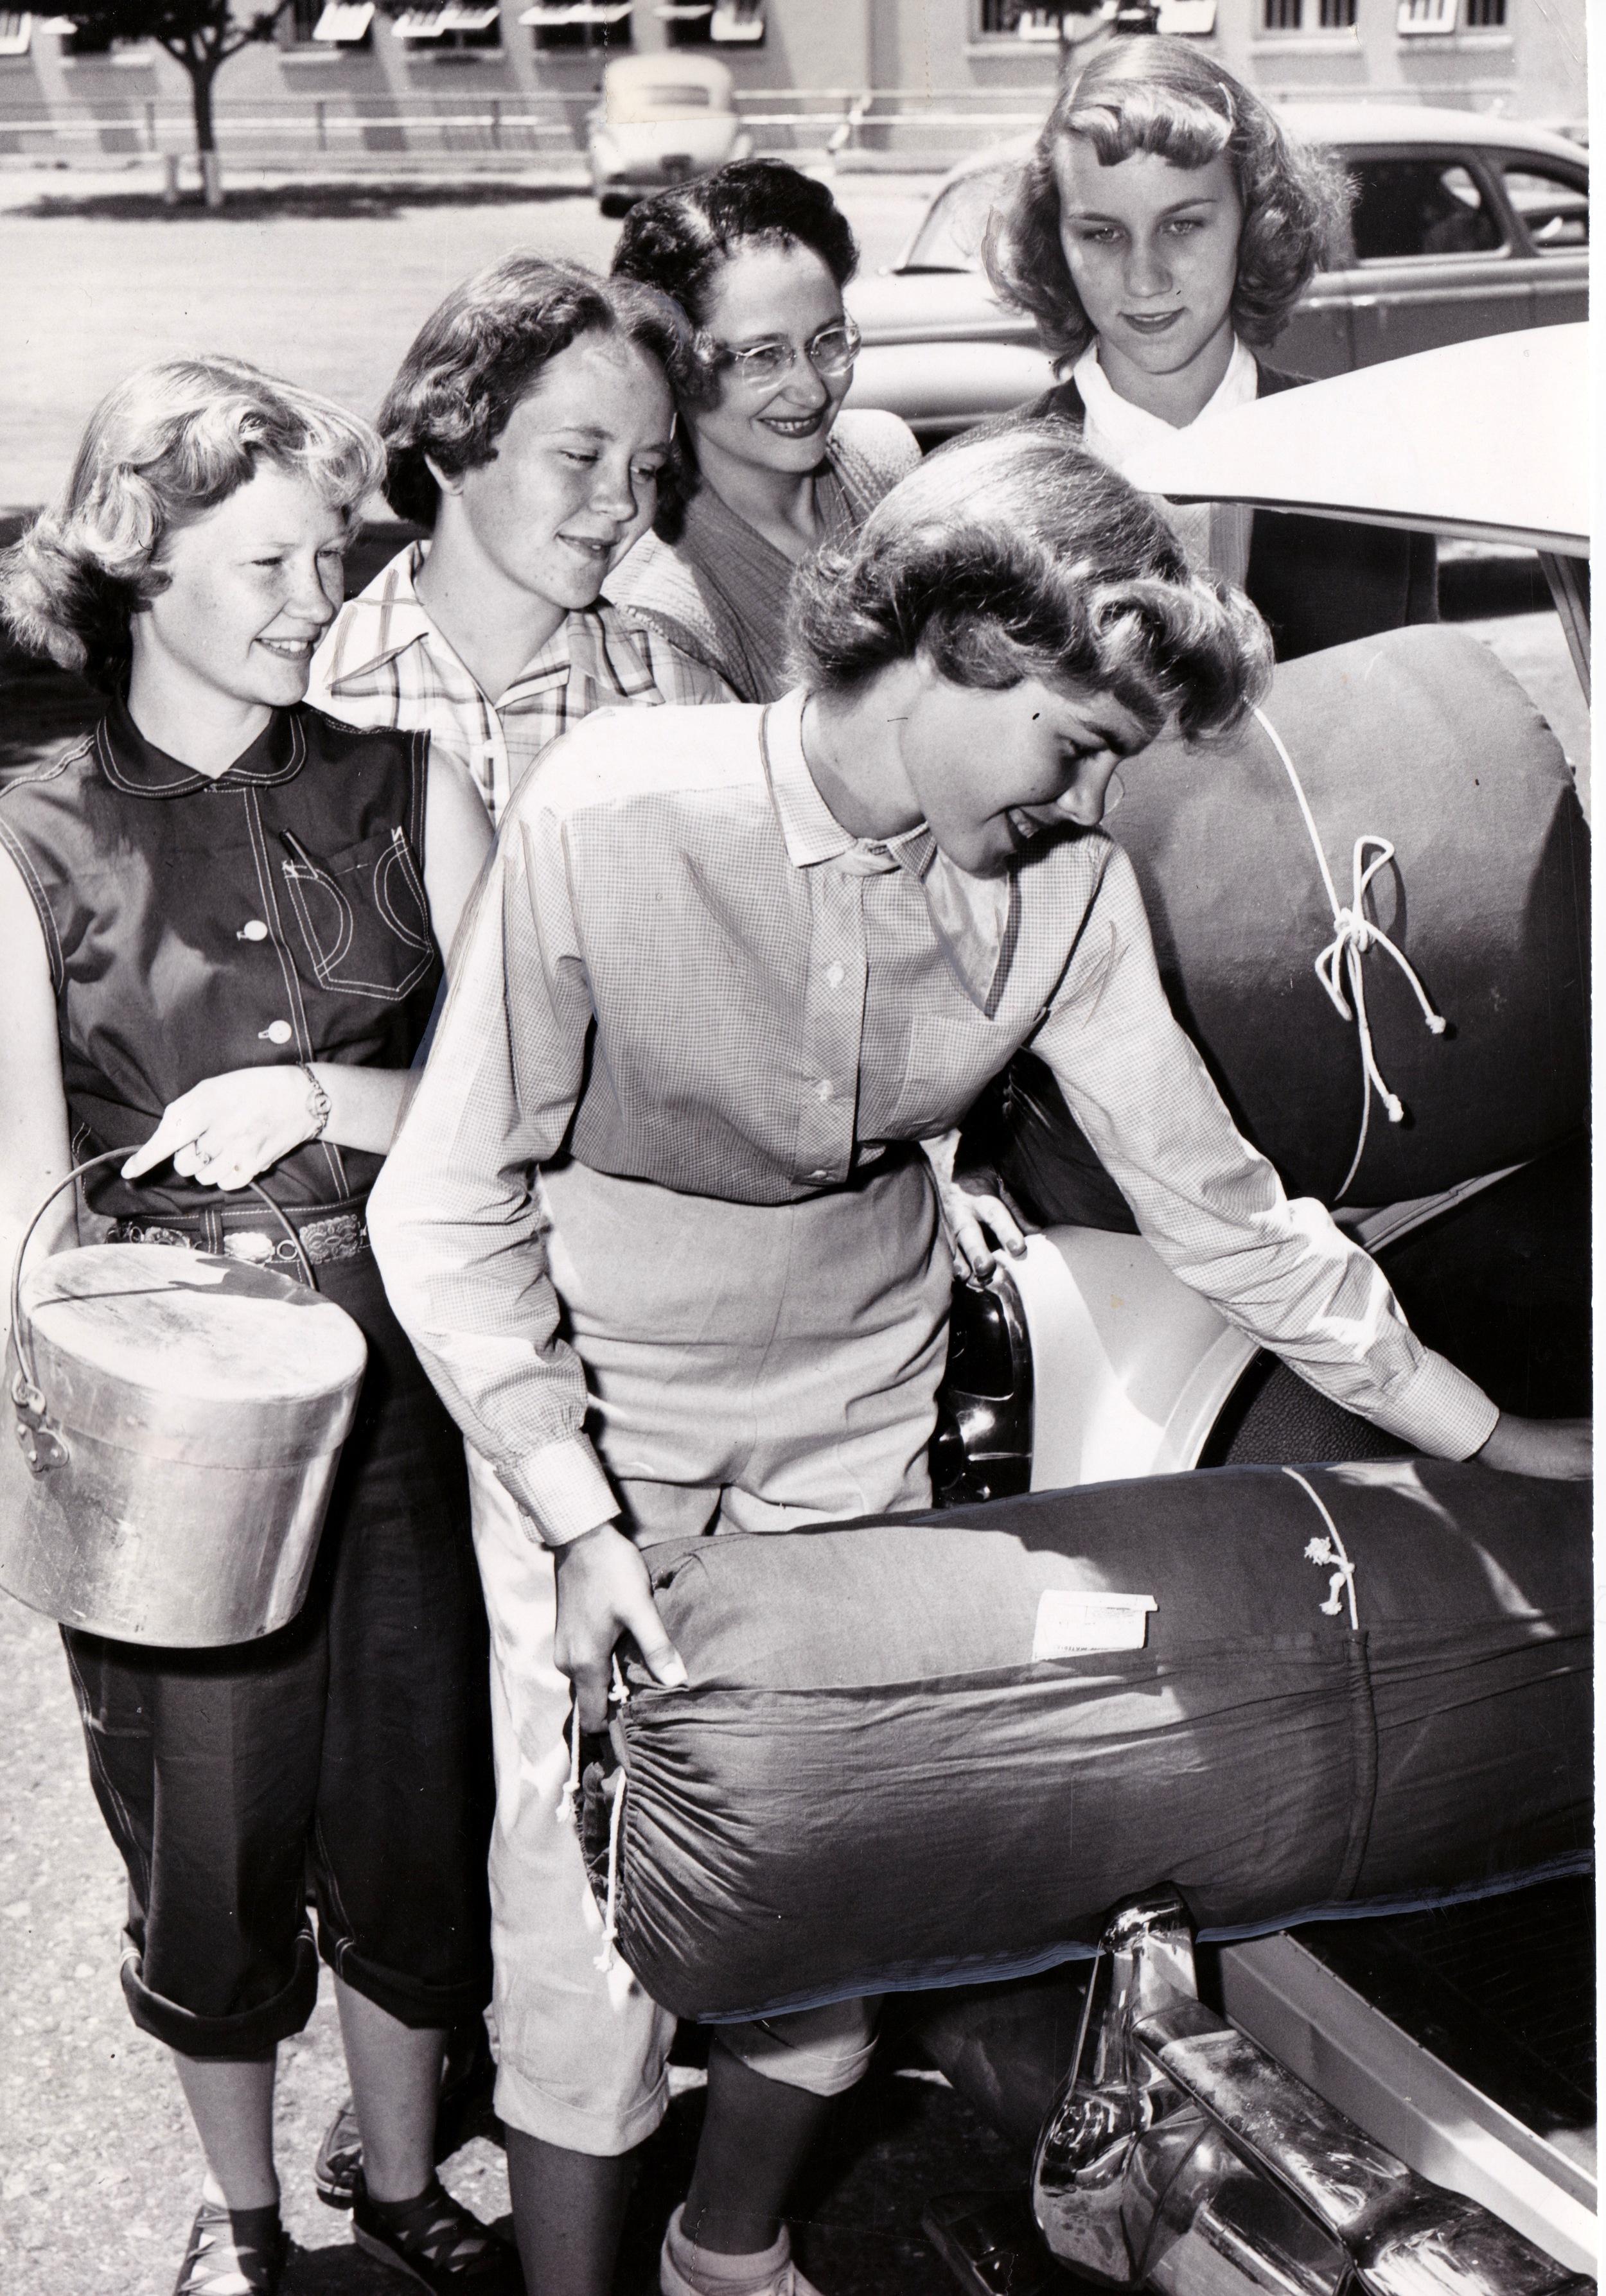 Girls packing for camp, 19502-2.jpg